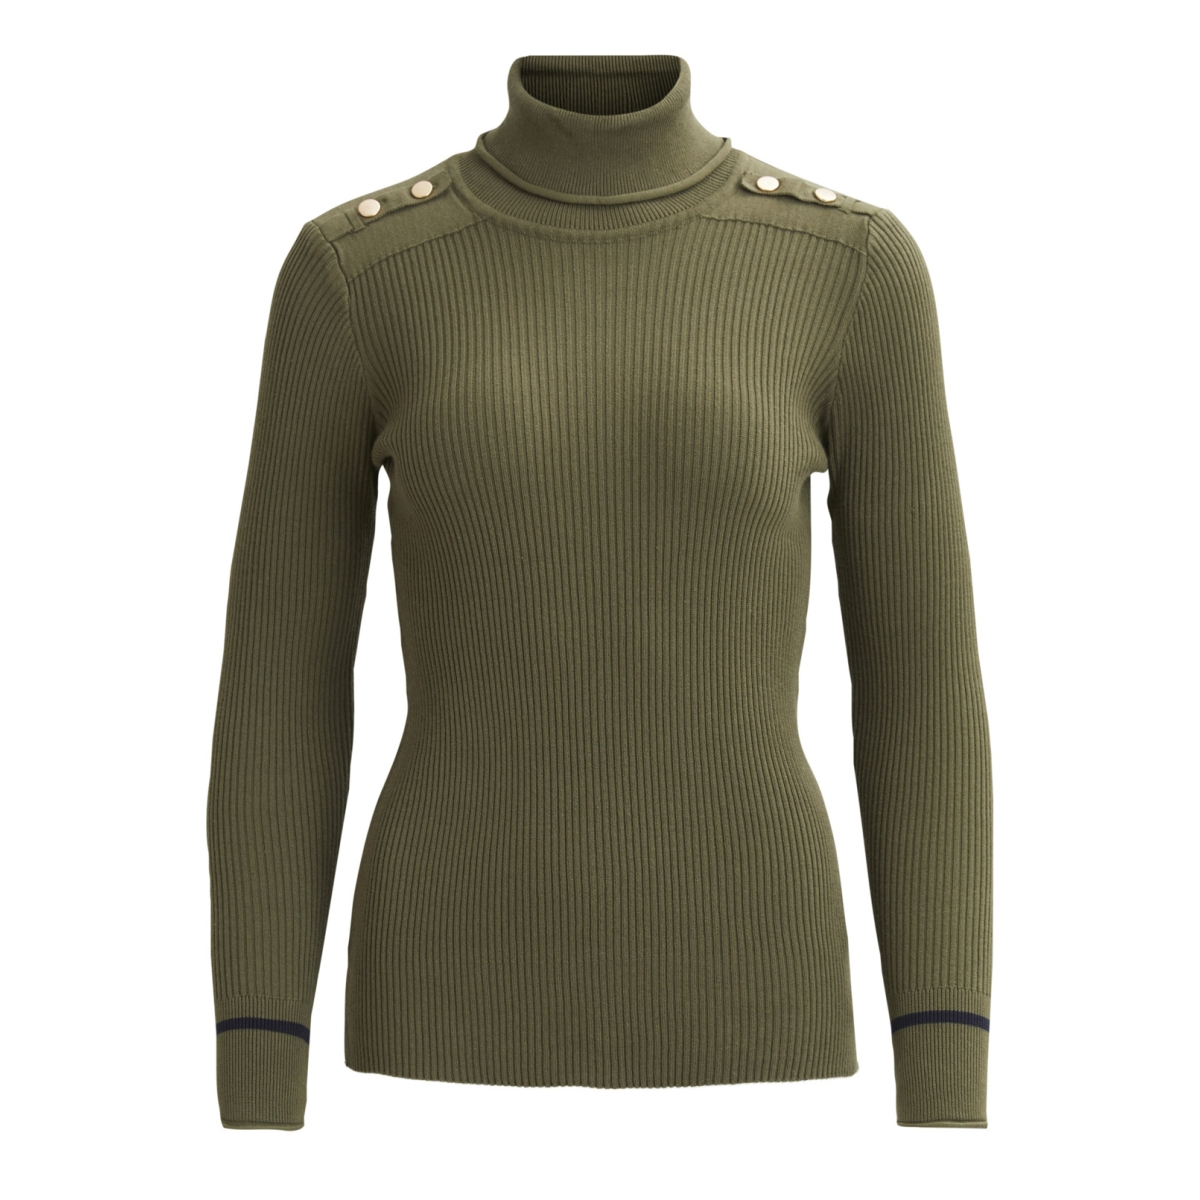 visoldana l/s knit top gv 14042244 vila trui ivy green/dark navy